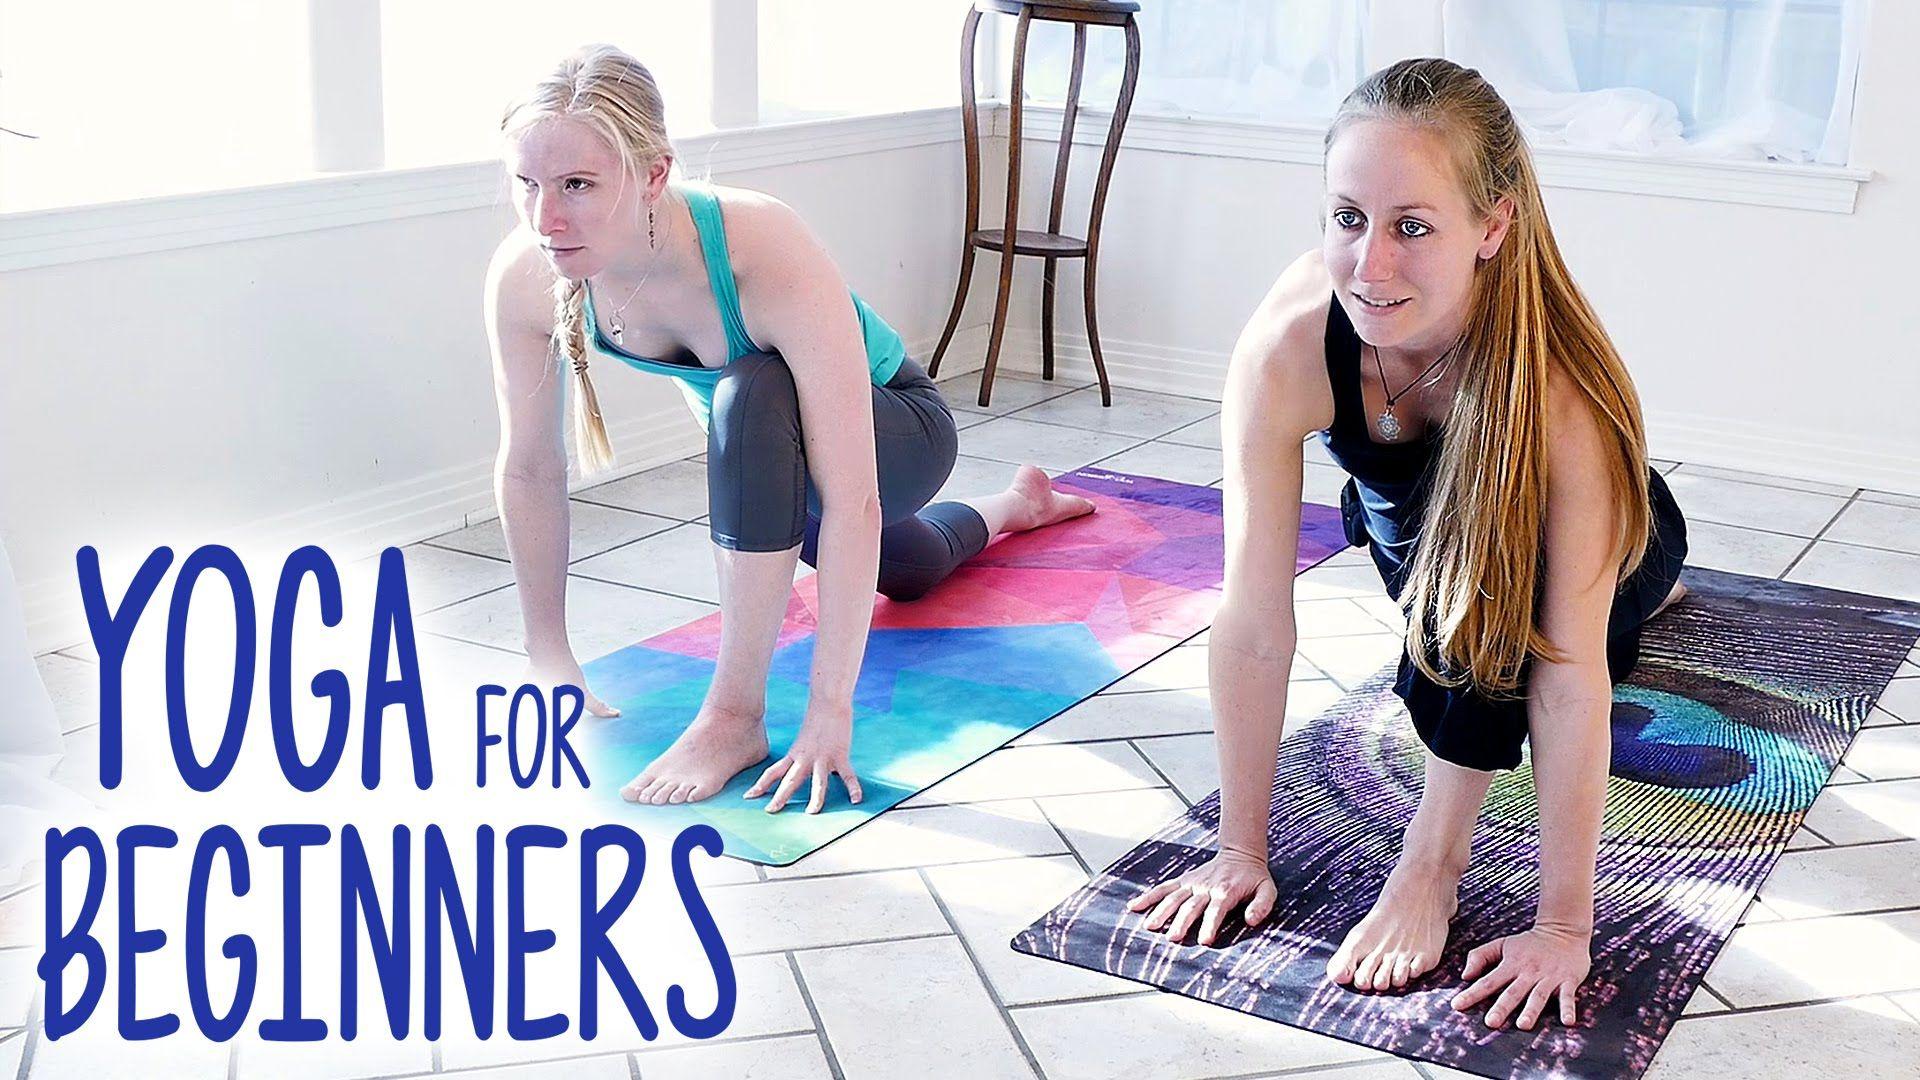 Feel Good Morning Yoga For Beginners 30 Minute